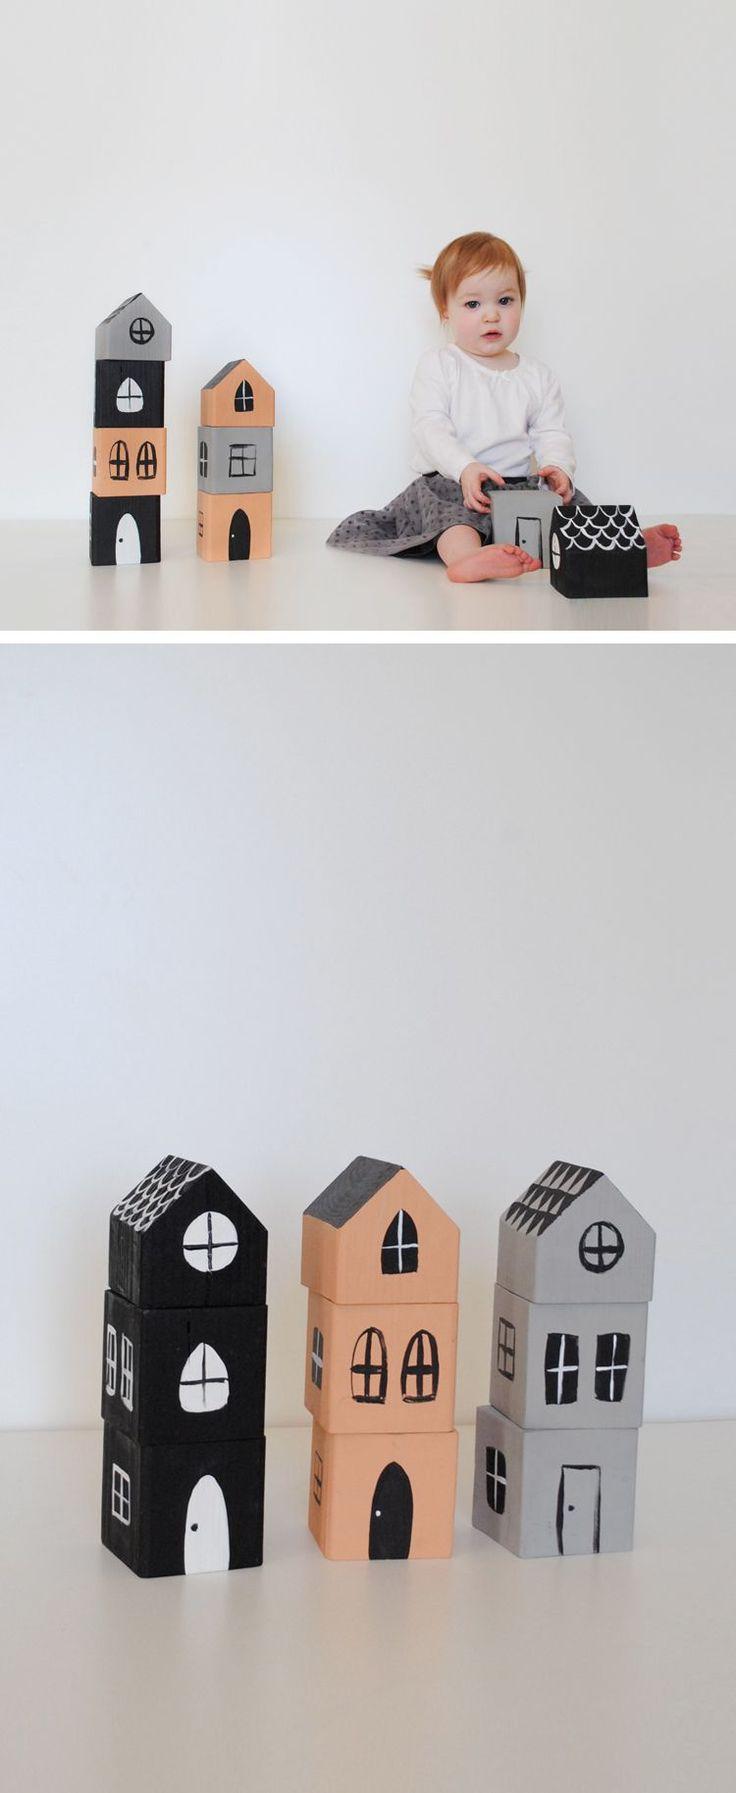 DIY Stacking House Blocks